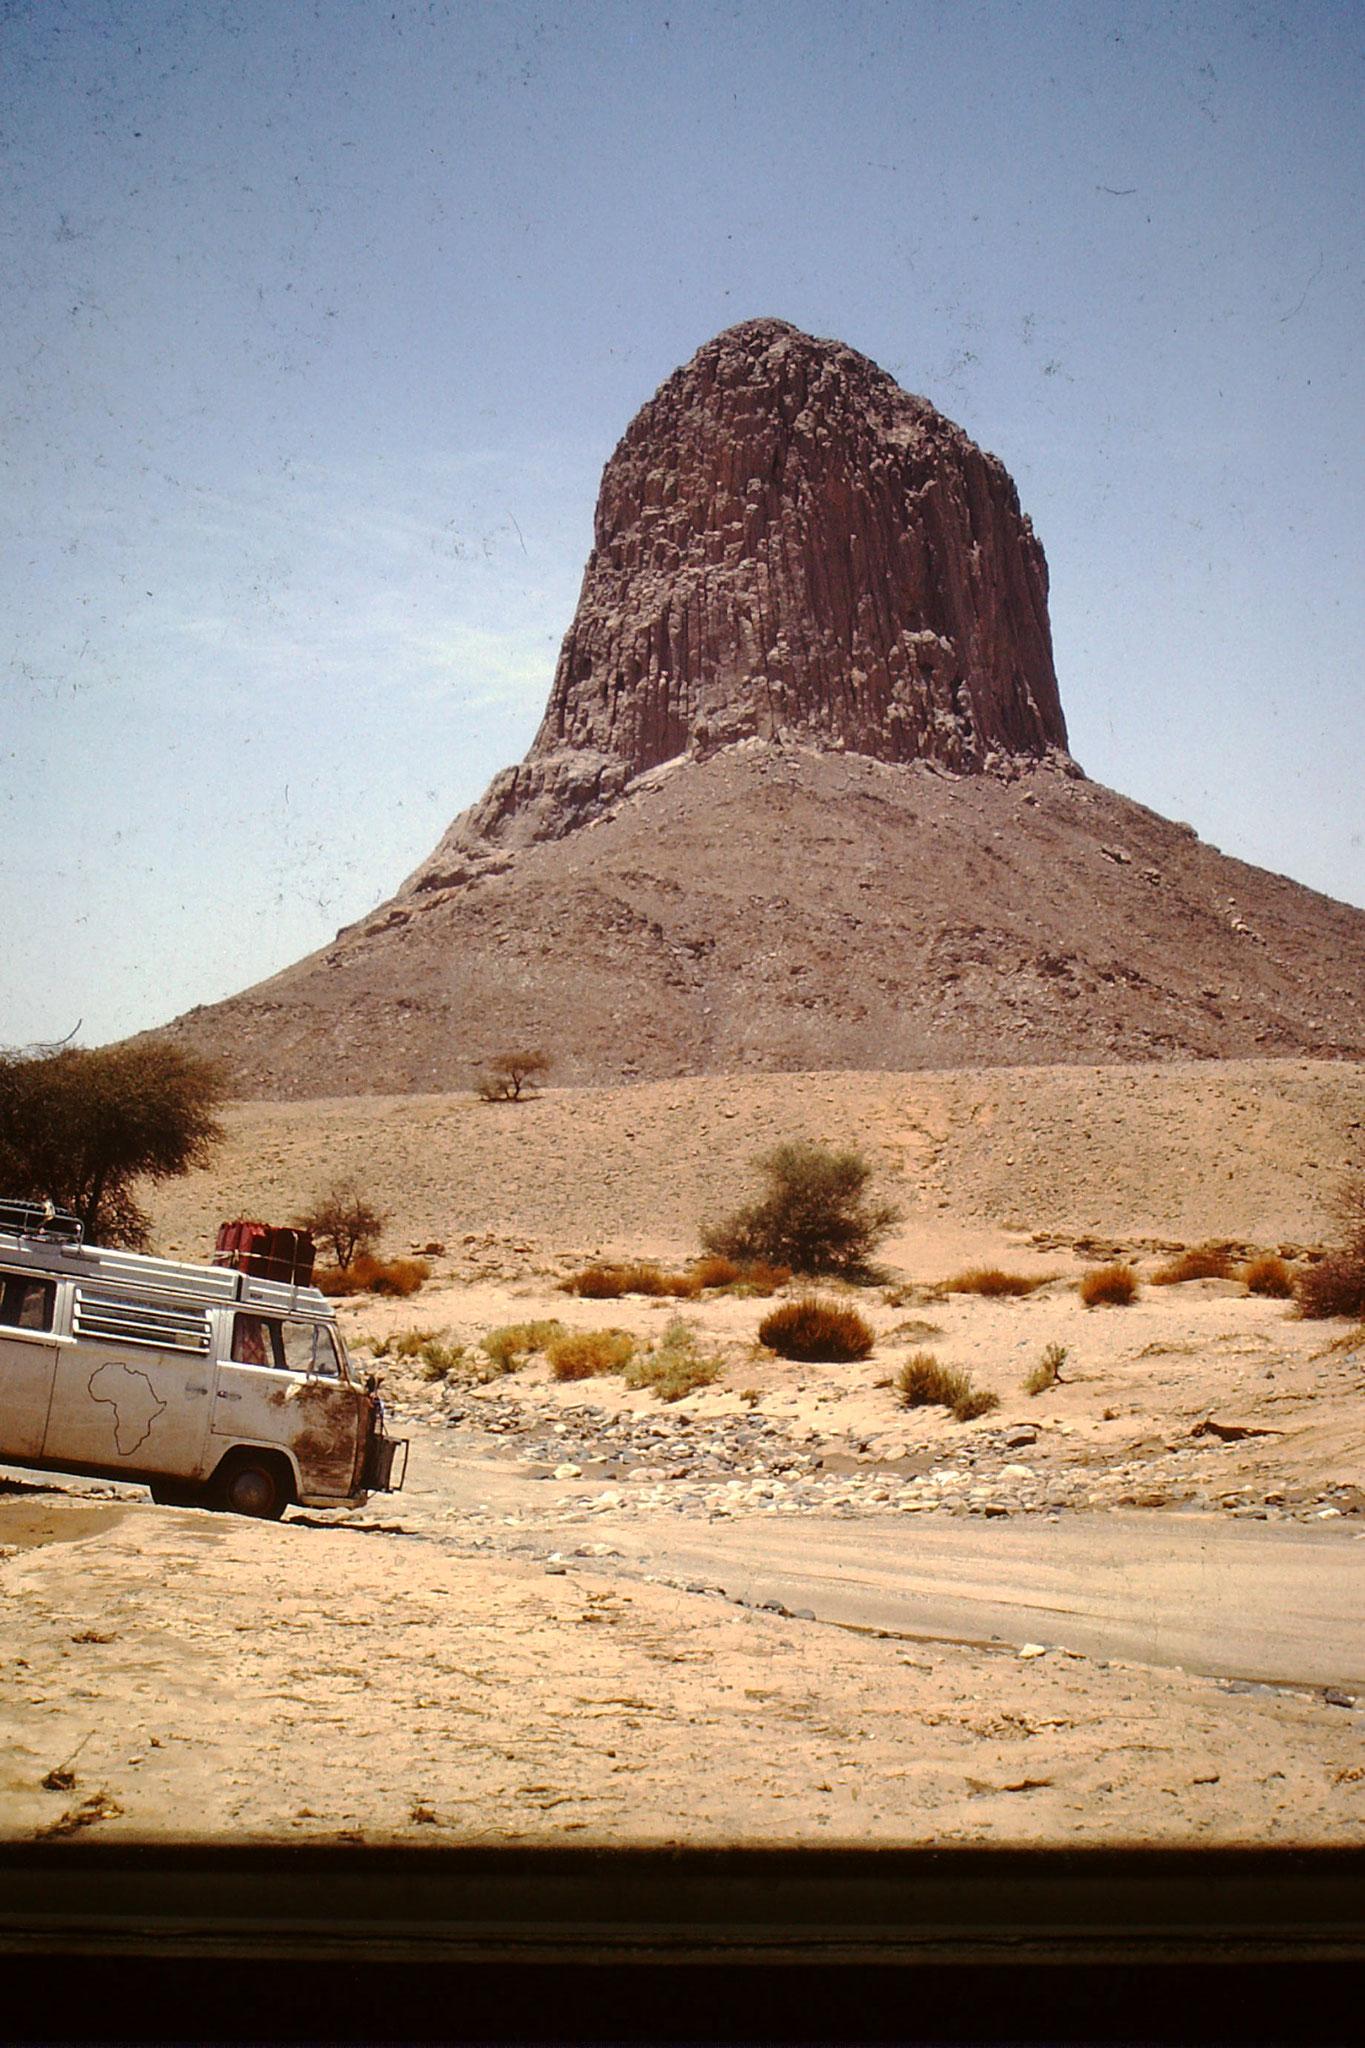 Dieser Berg wird durch Sandstürme abgeschliffen. Er ist in der nähe von Tamanrasset.